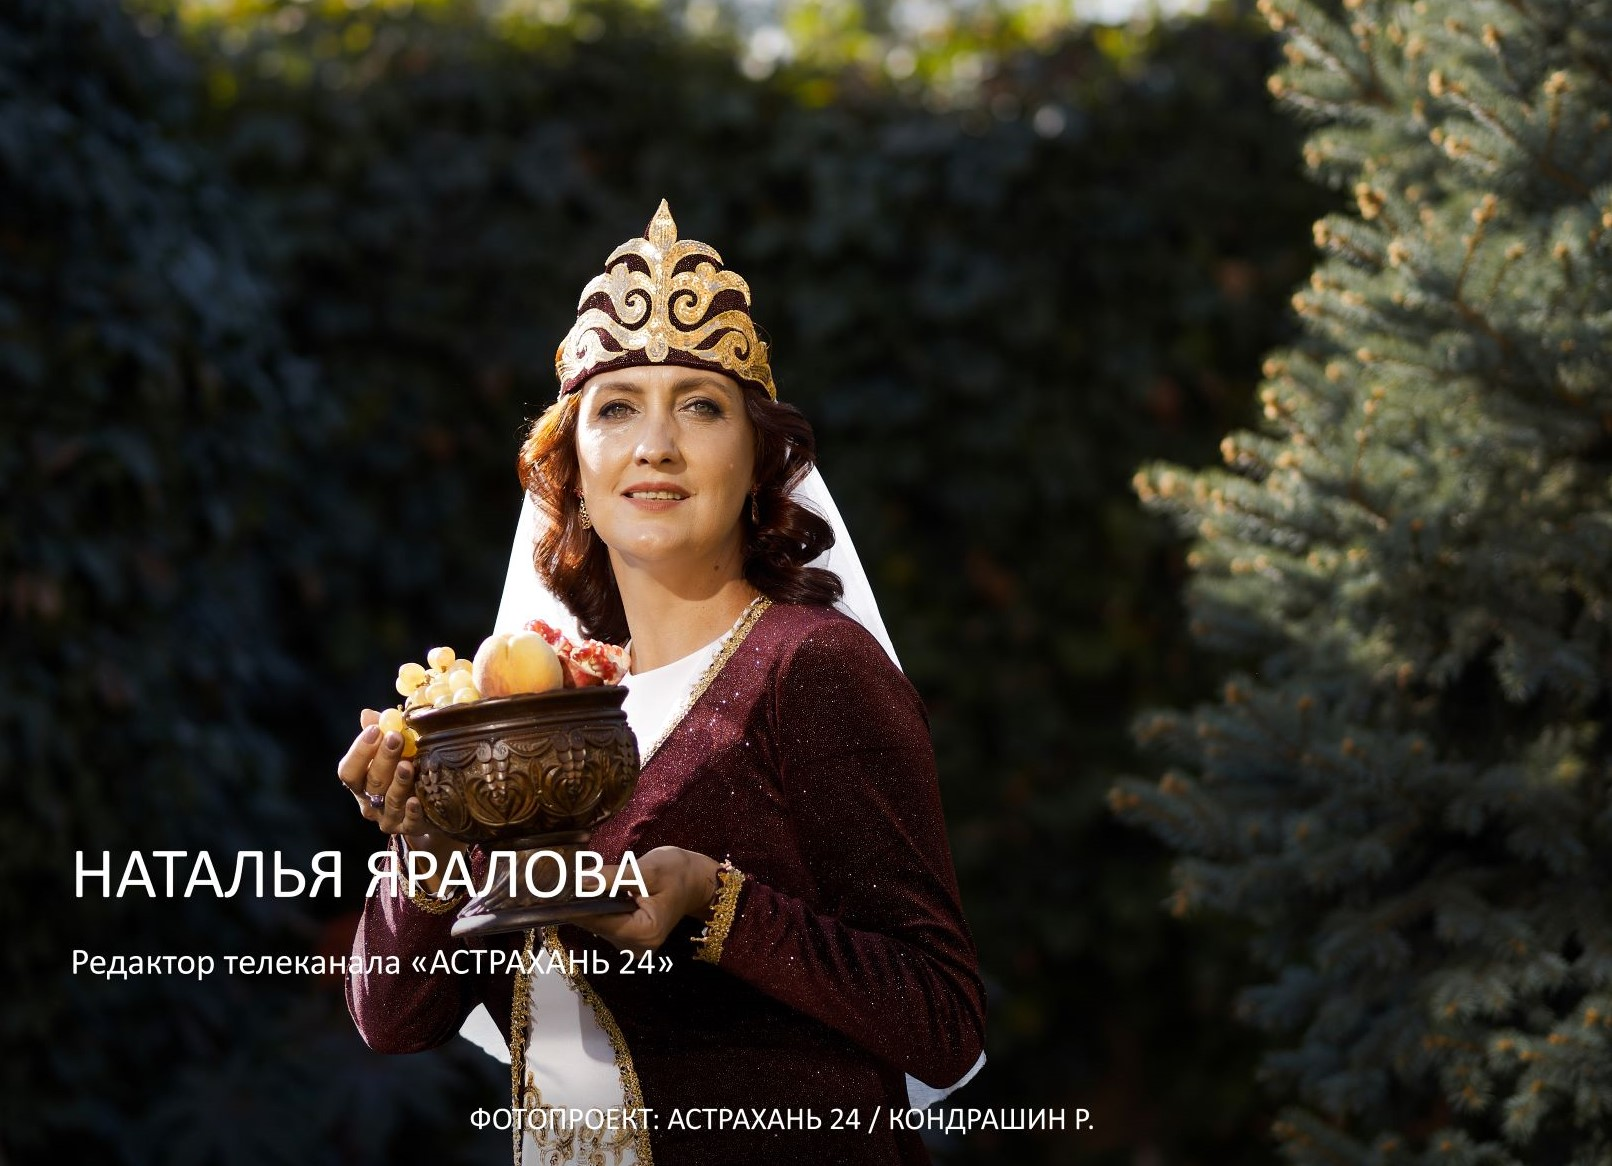 Мы родом из Астрахани. Наталья